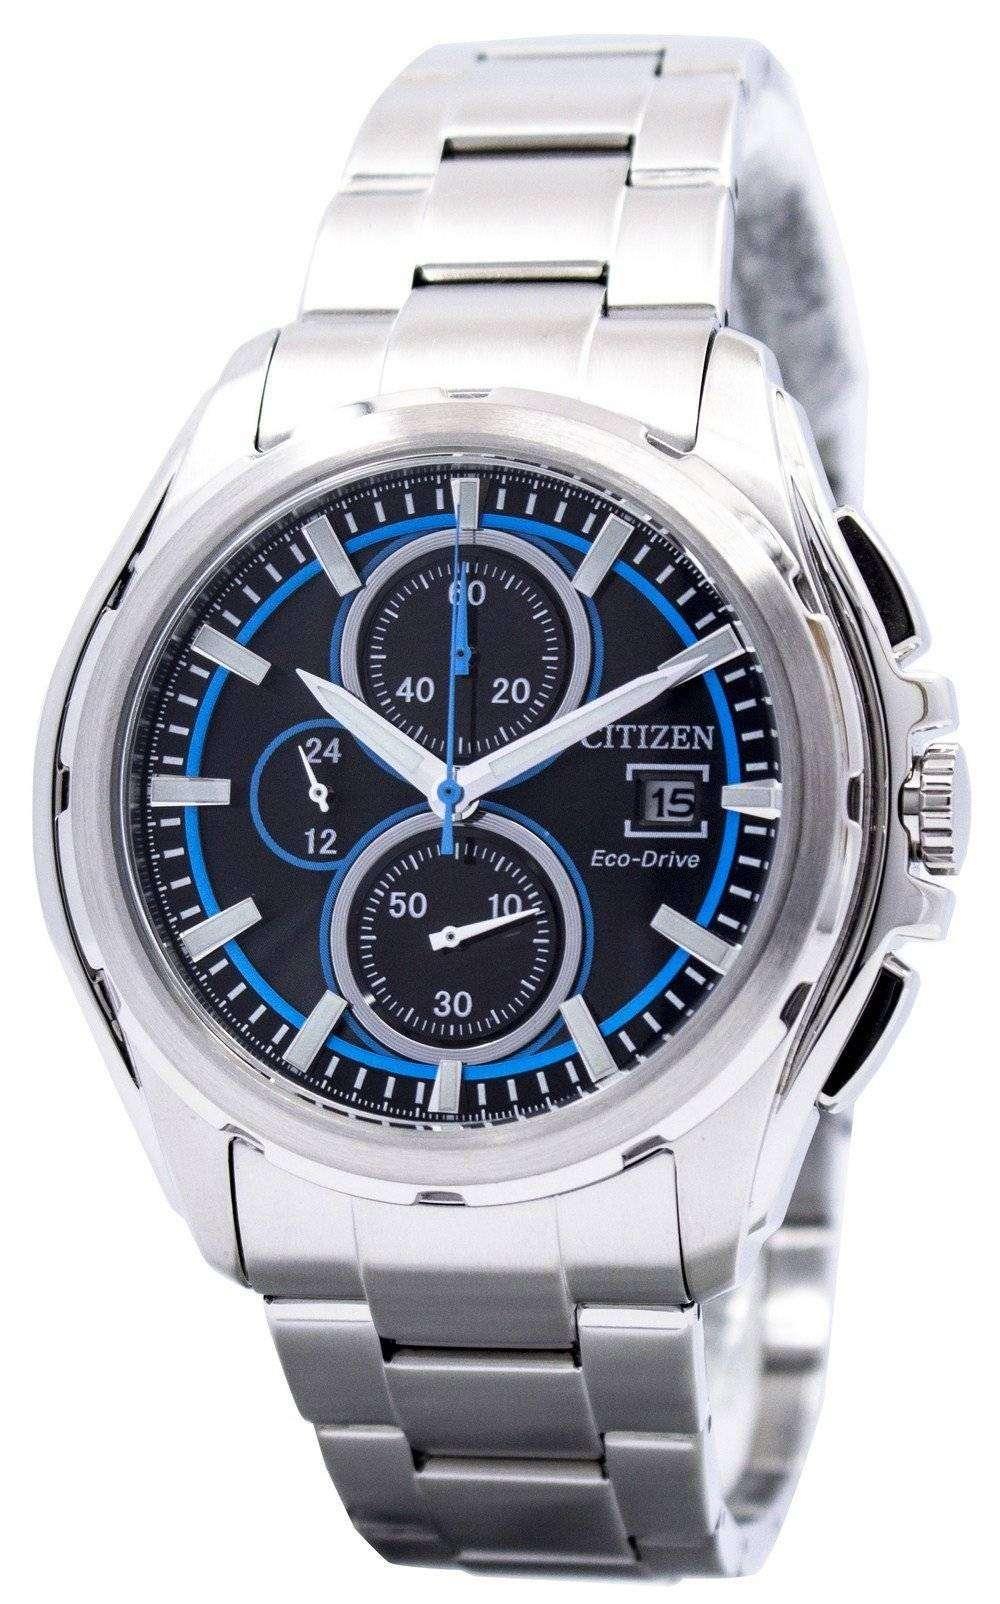 シチズン エコ ・ ドライブ CA0270-59E メンズ時計をレース クロノグラフ